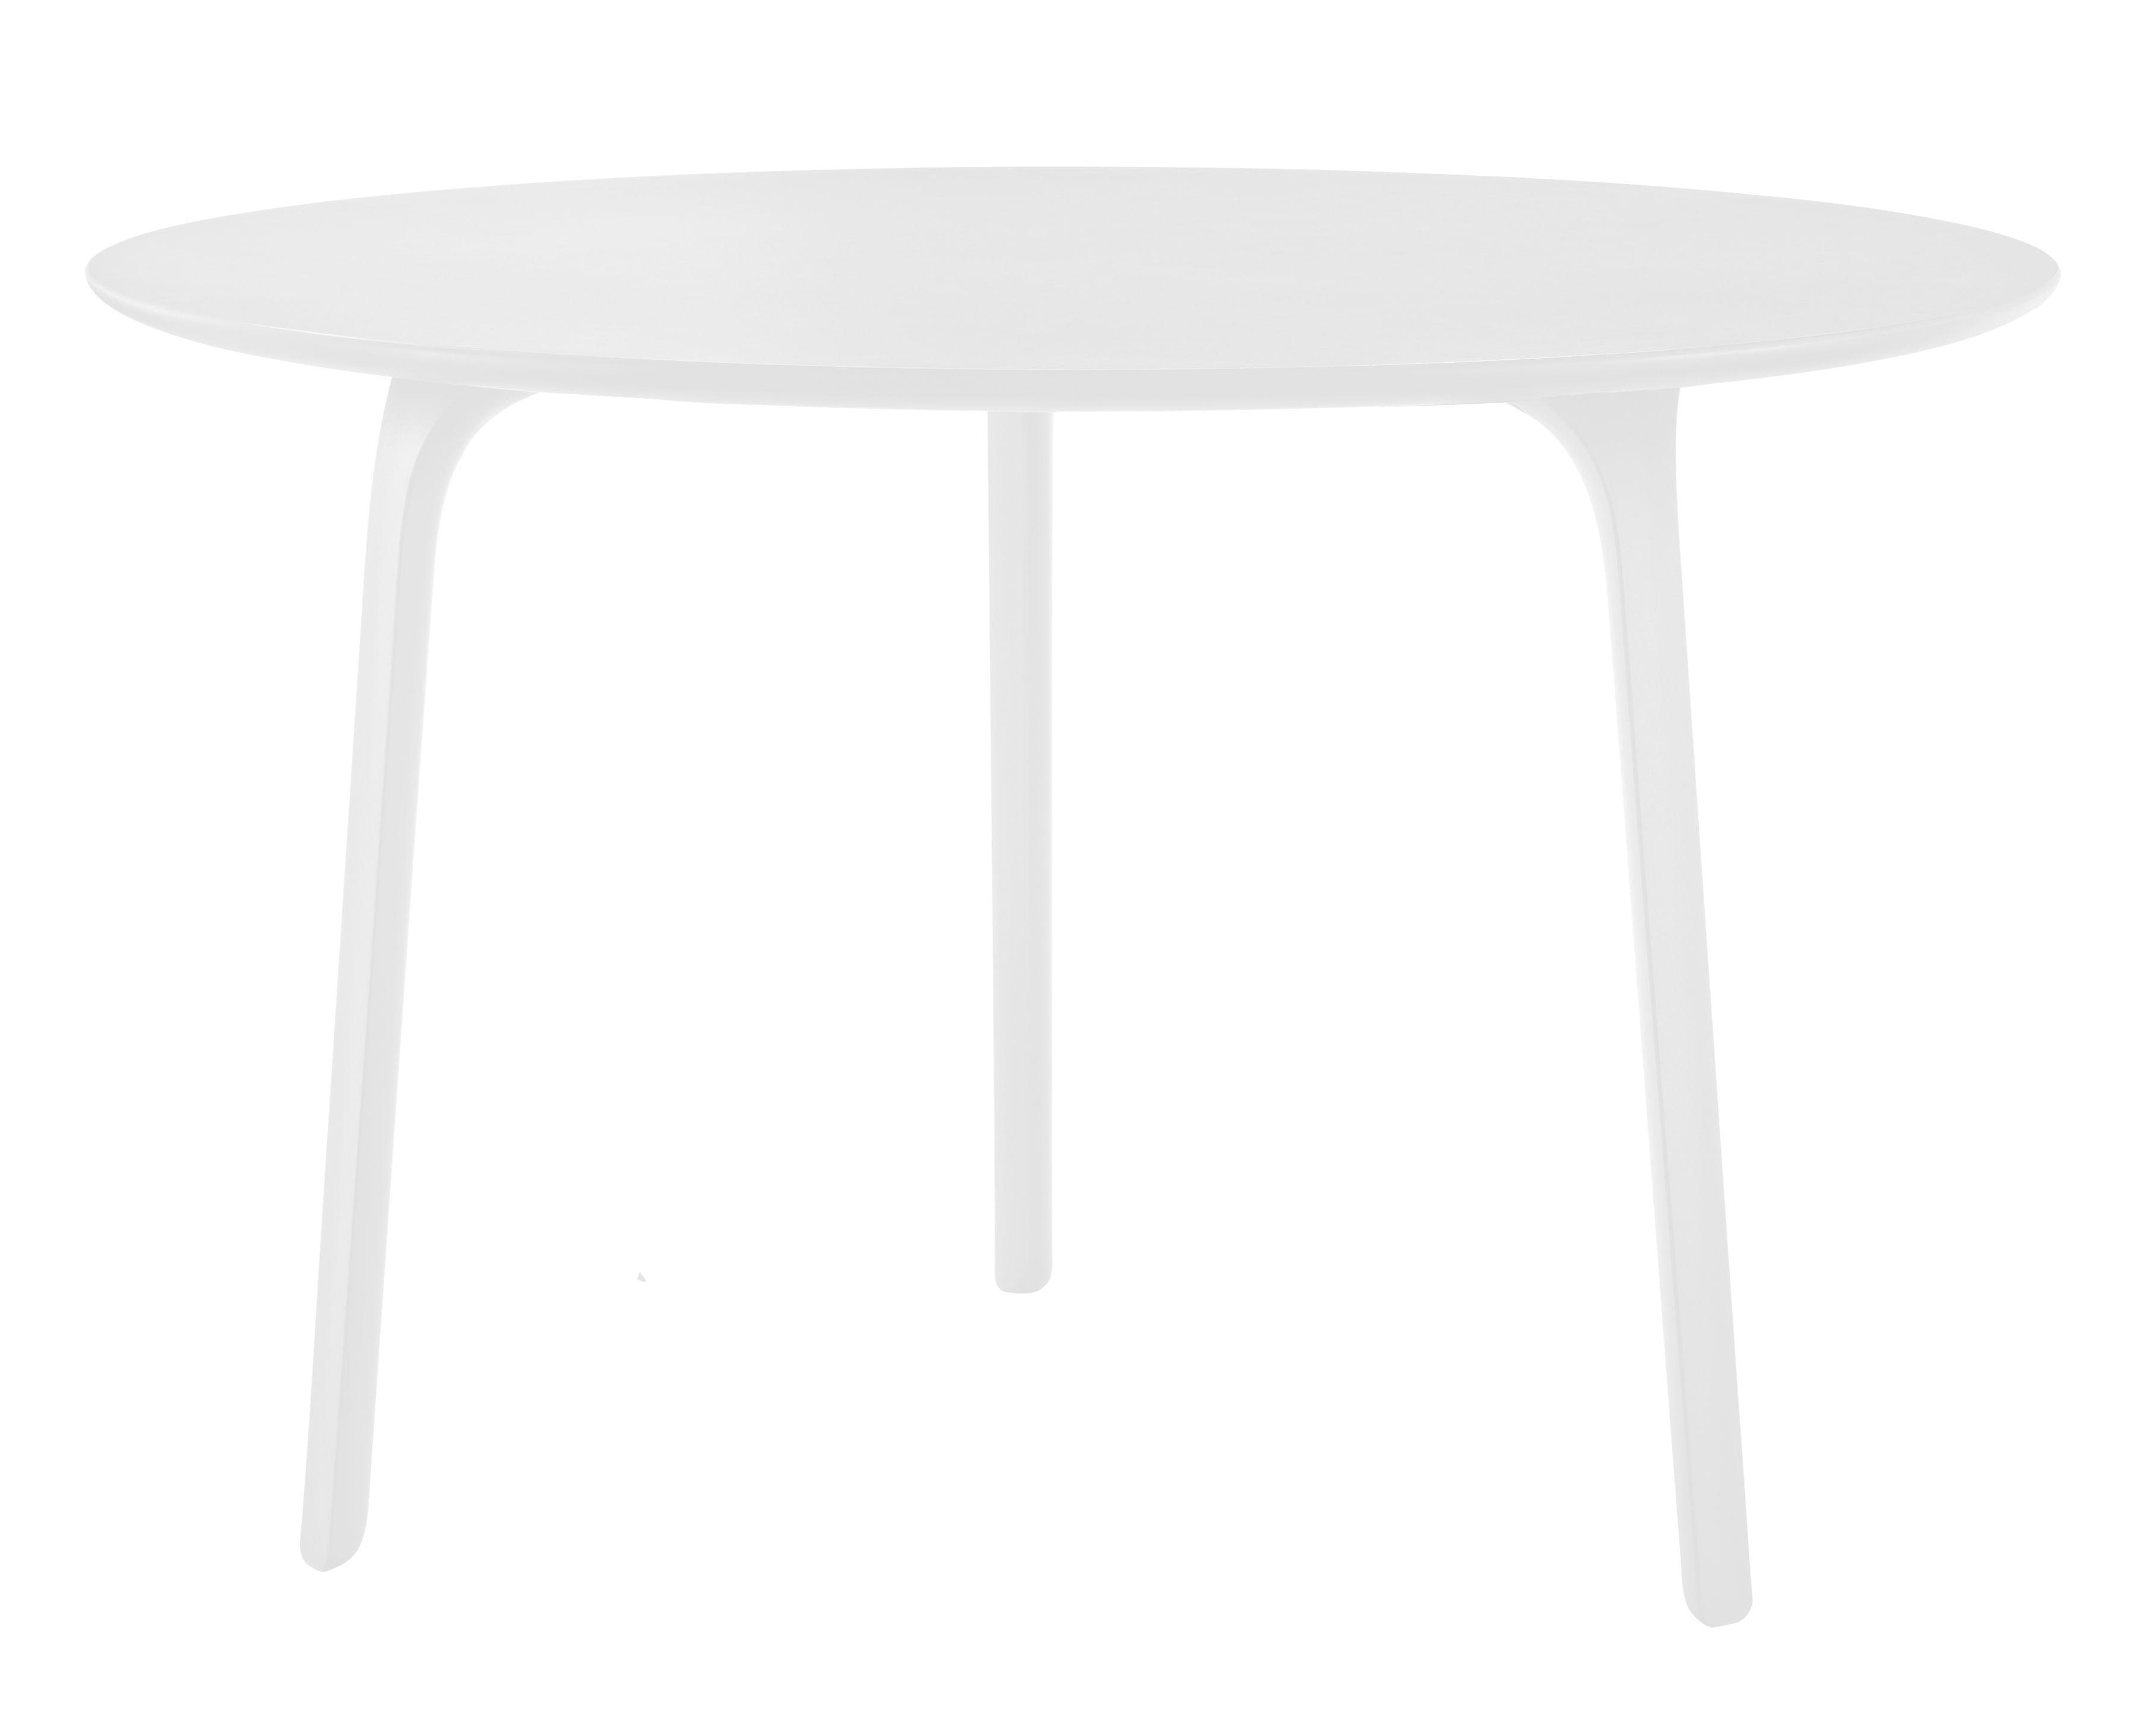 Mobilier - Tables - Table First / Ø 80 - Pour l'intérieur - Magis - Pieds blancs / plateau blanc - MDF verni, Polyamide